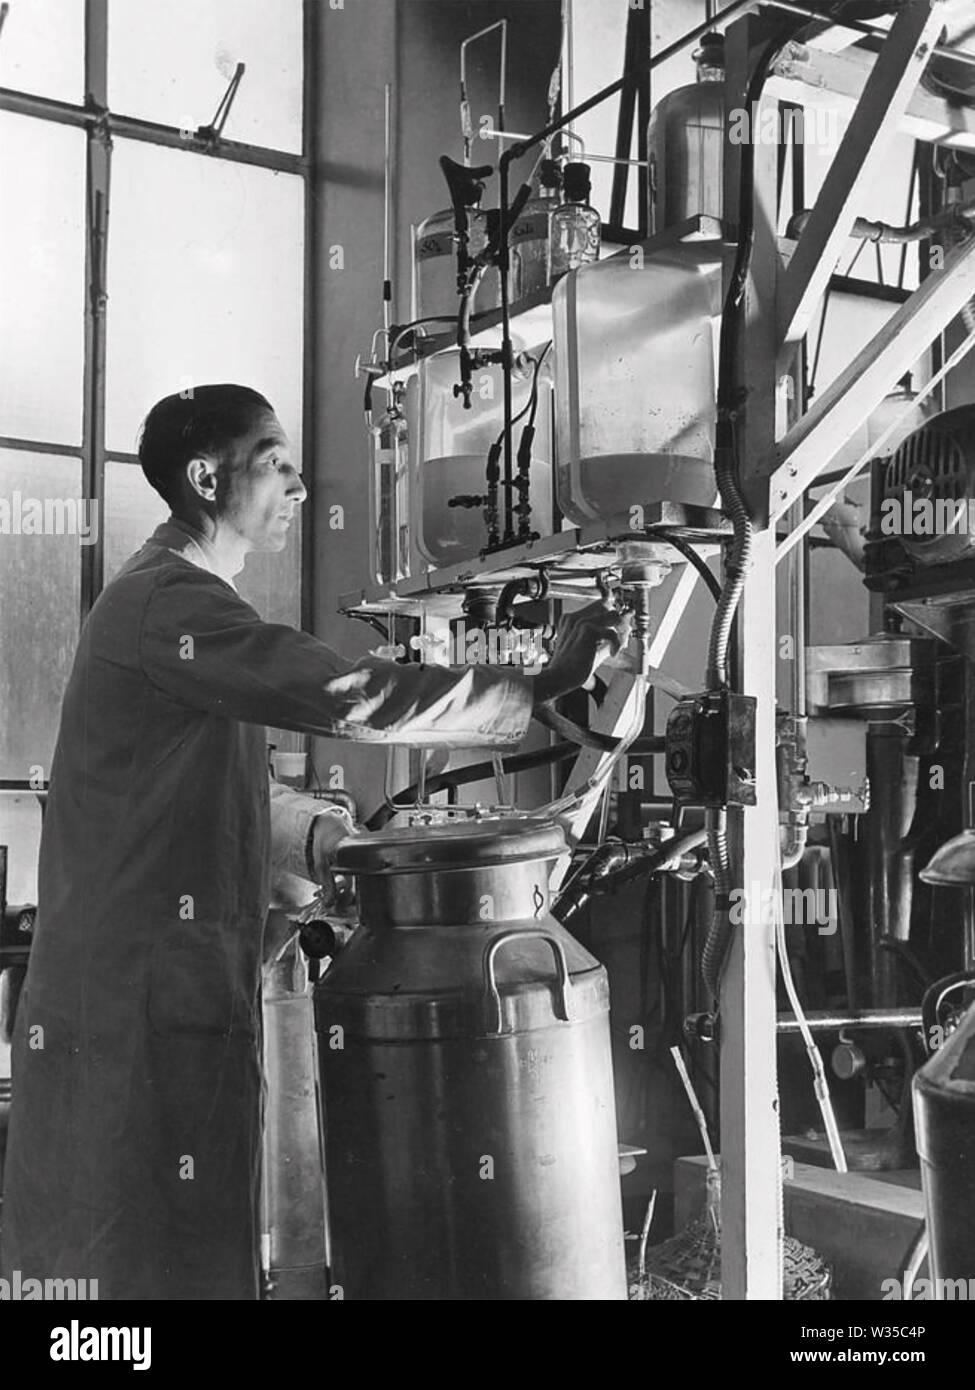 ARTHUR GORDON SANDERS (1908-1980) Betrieb des Penicillin Anlage zur Extraktion von Howard Florey, Ernest Kette und Alexander Fleming Stockfoto